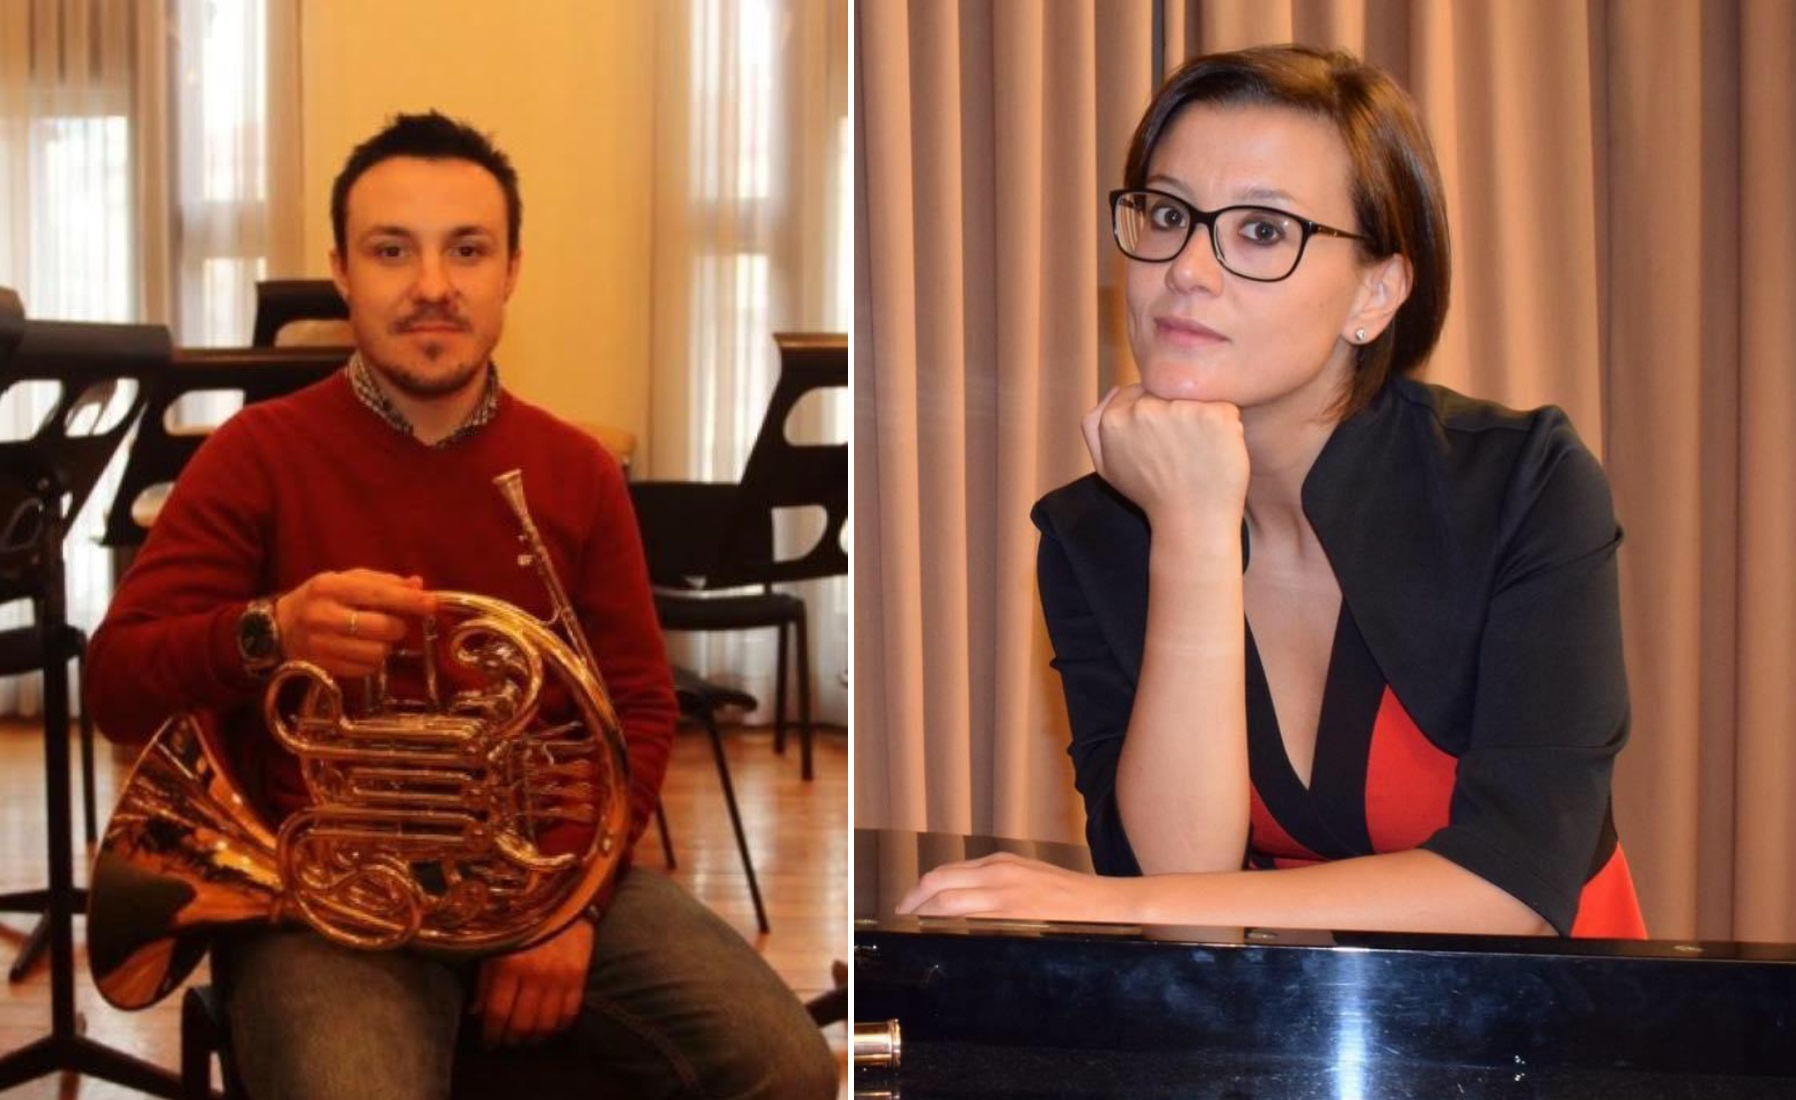 6 Giugno 2021 al Sacro Monte Calvario di Domodossola un interessante concerto per pianoforte, corno e corno delle alpi